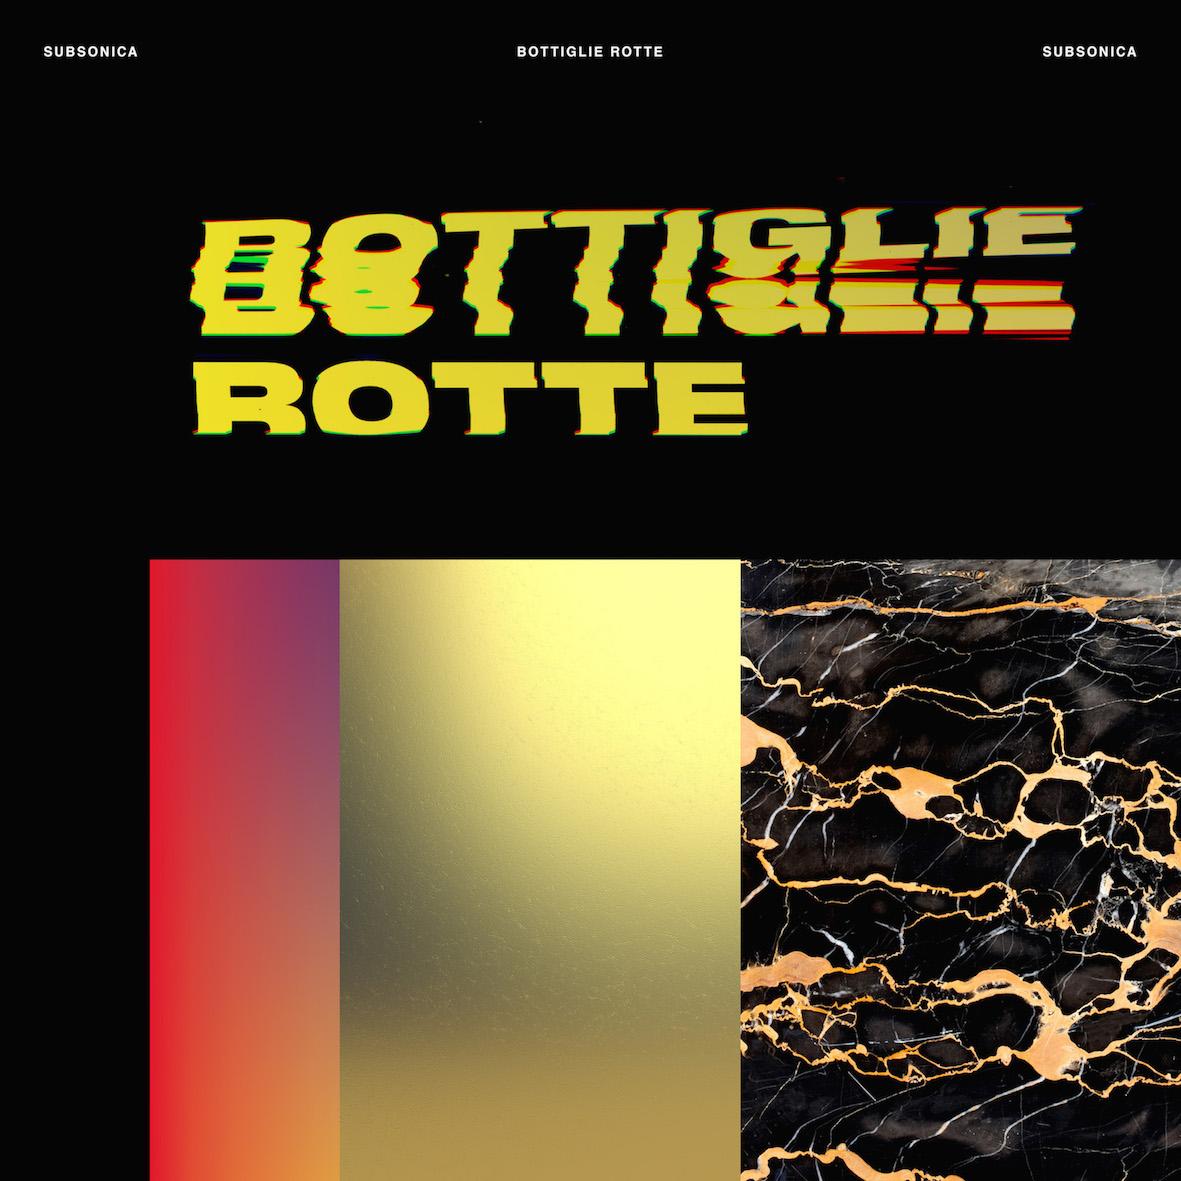 COVER SINGOLO SUBSONICA Bottiglie_Rotte